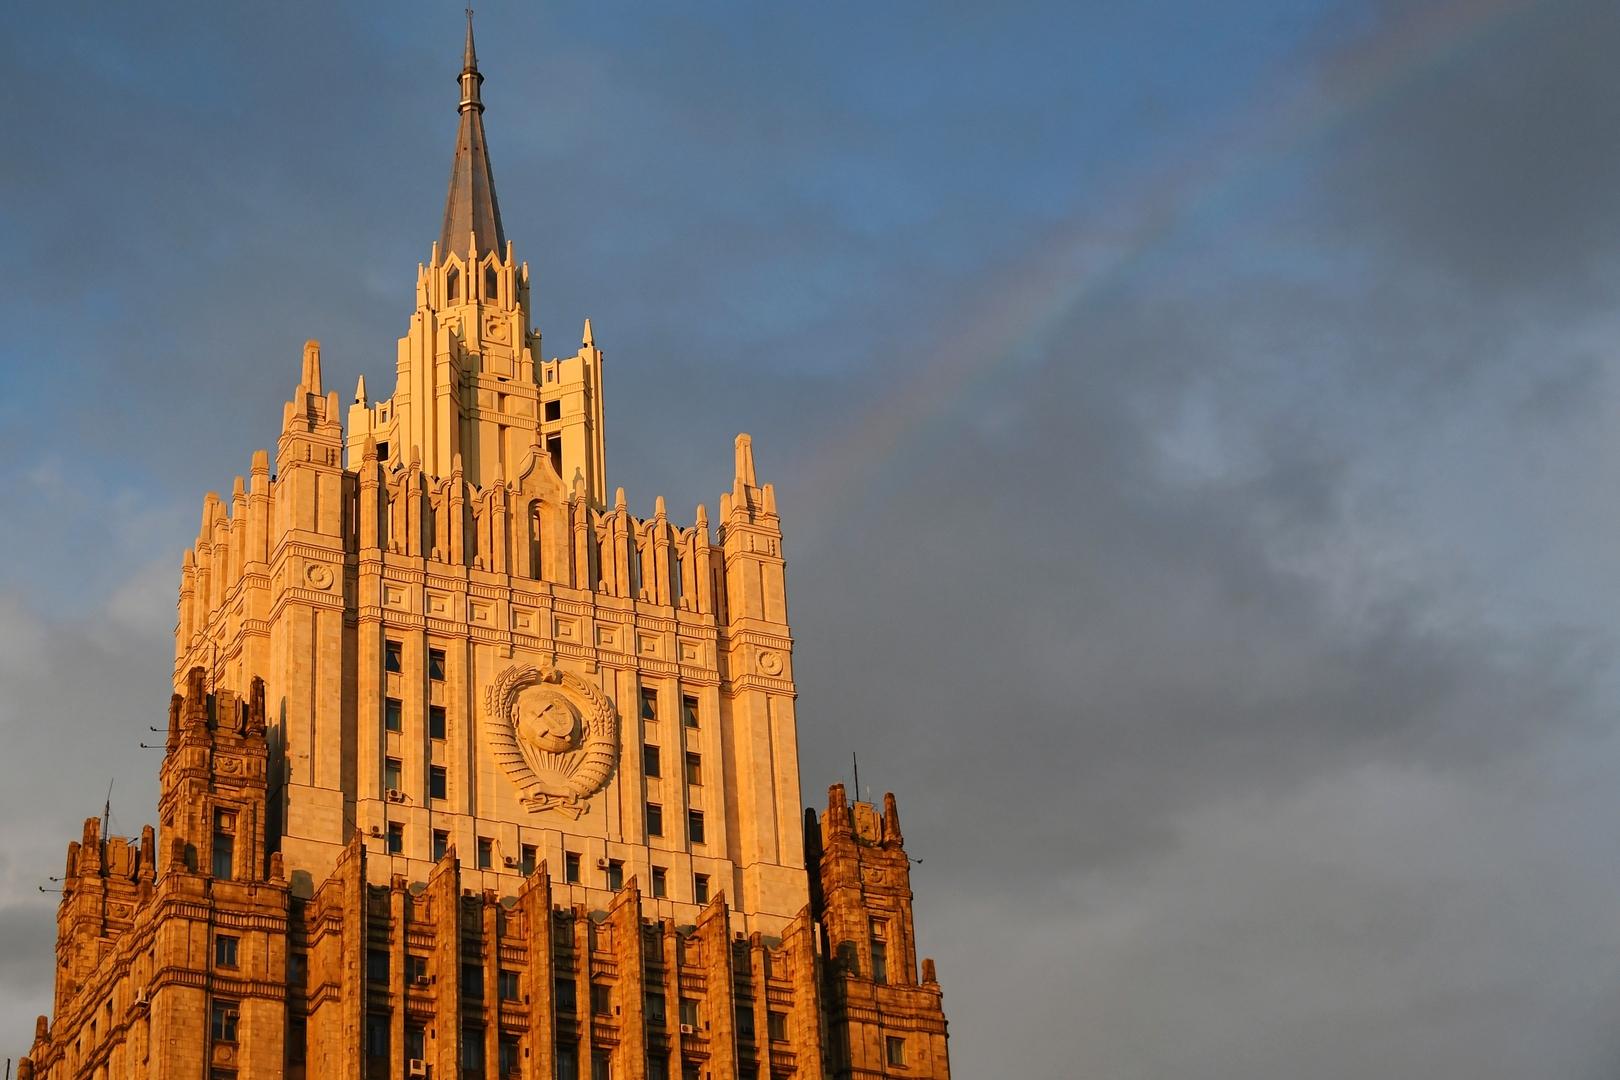 روسيا تطلب من الولايات المتحدة وأستراليا وبريطانيا توضيحات بشأن تحالف